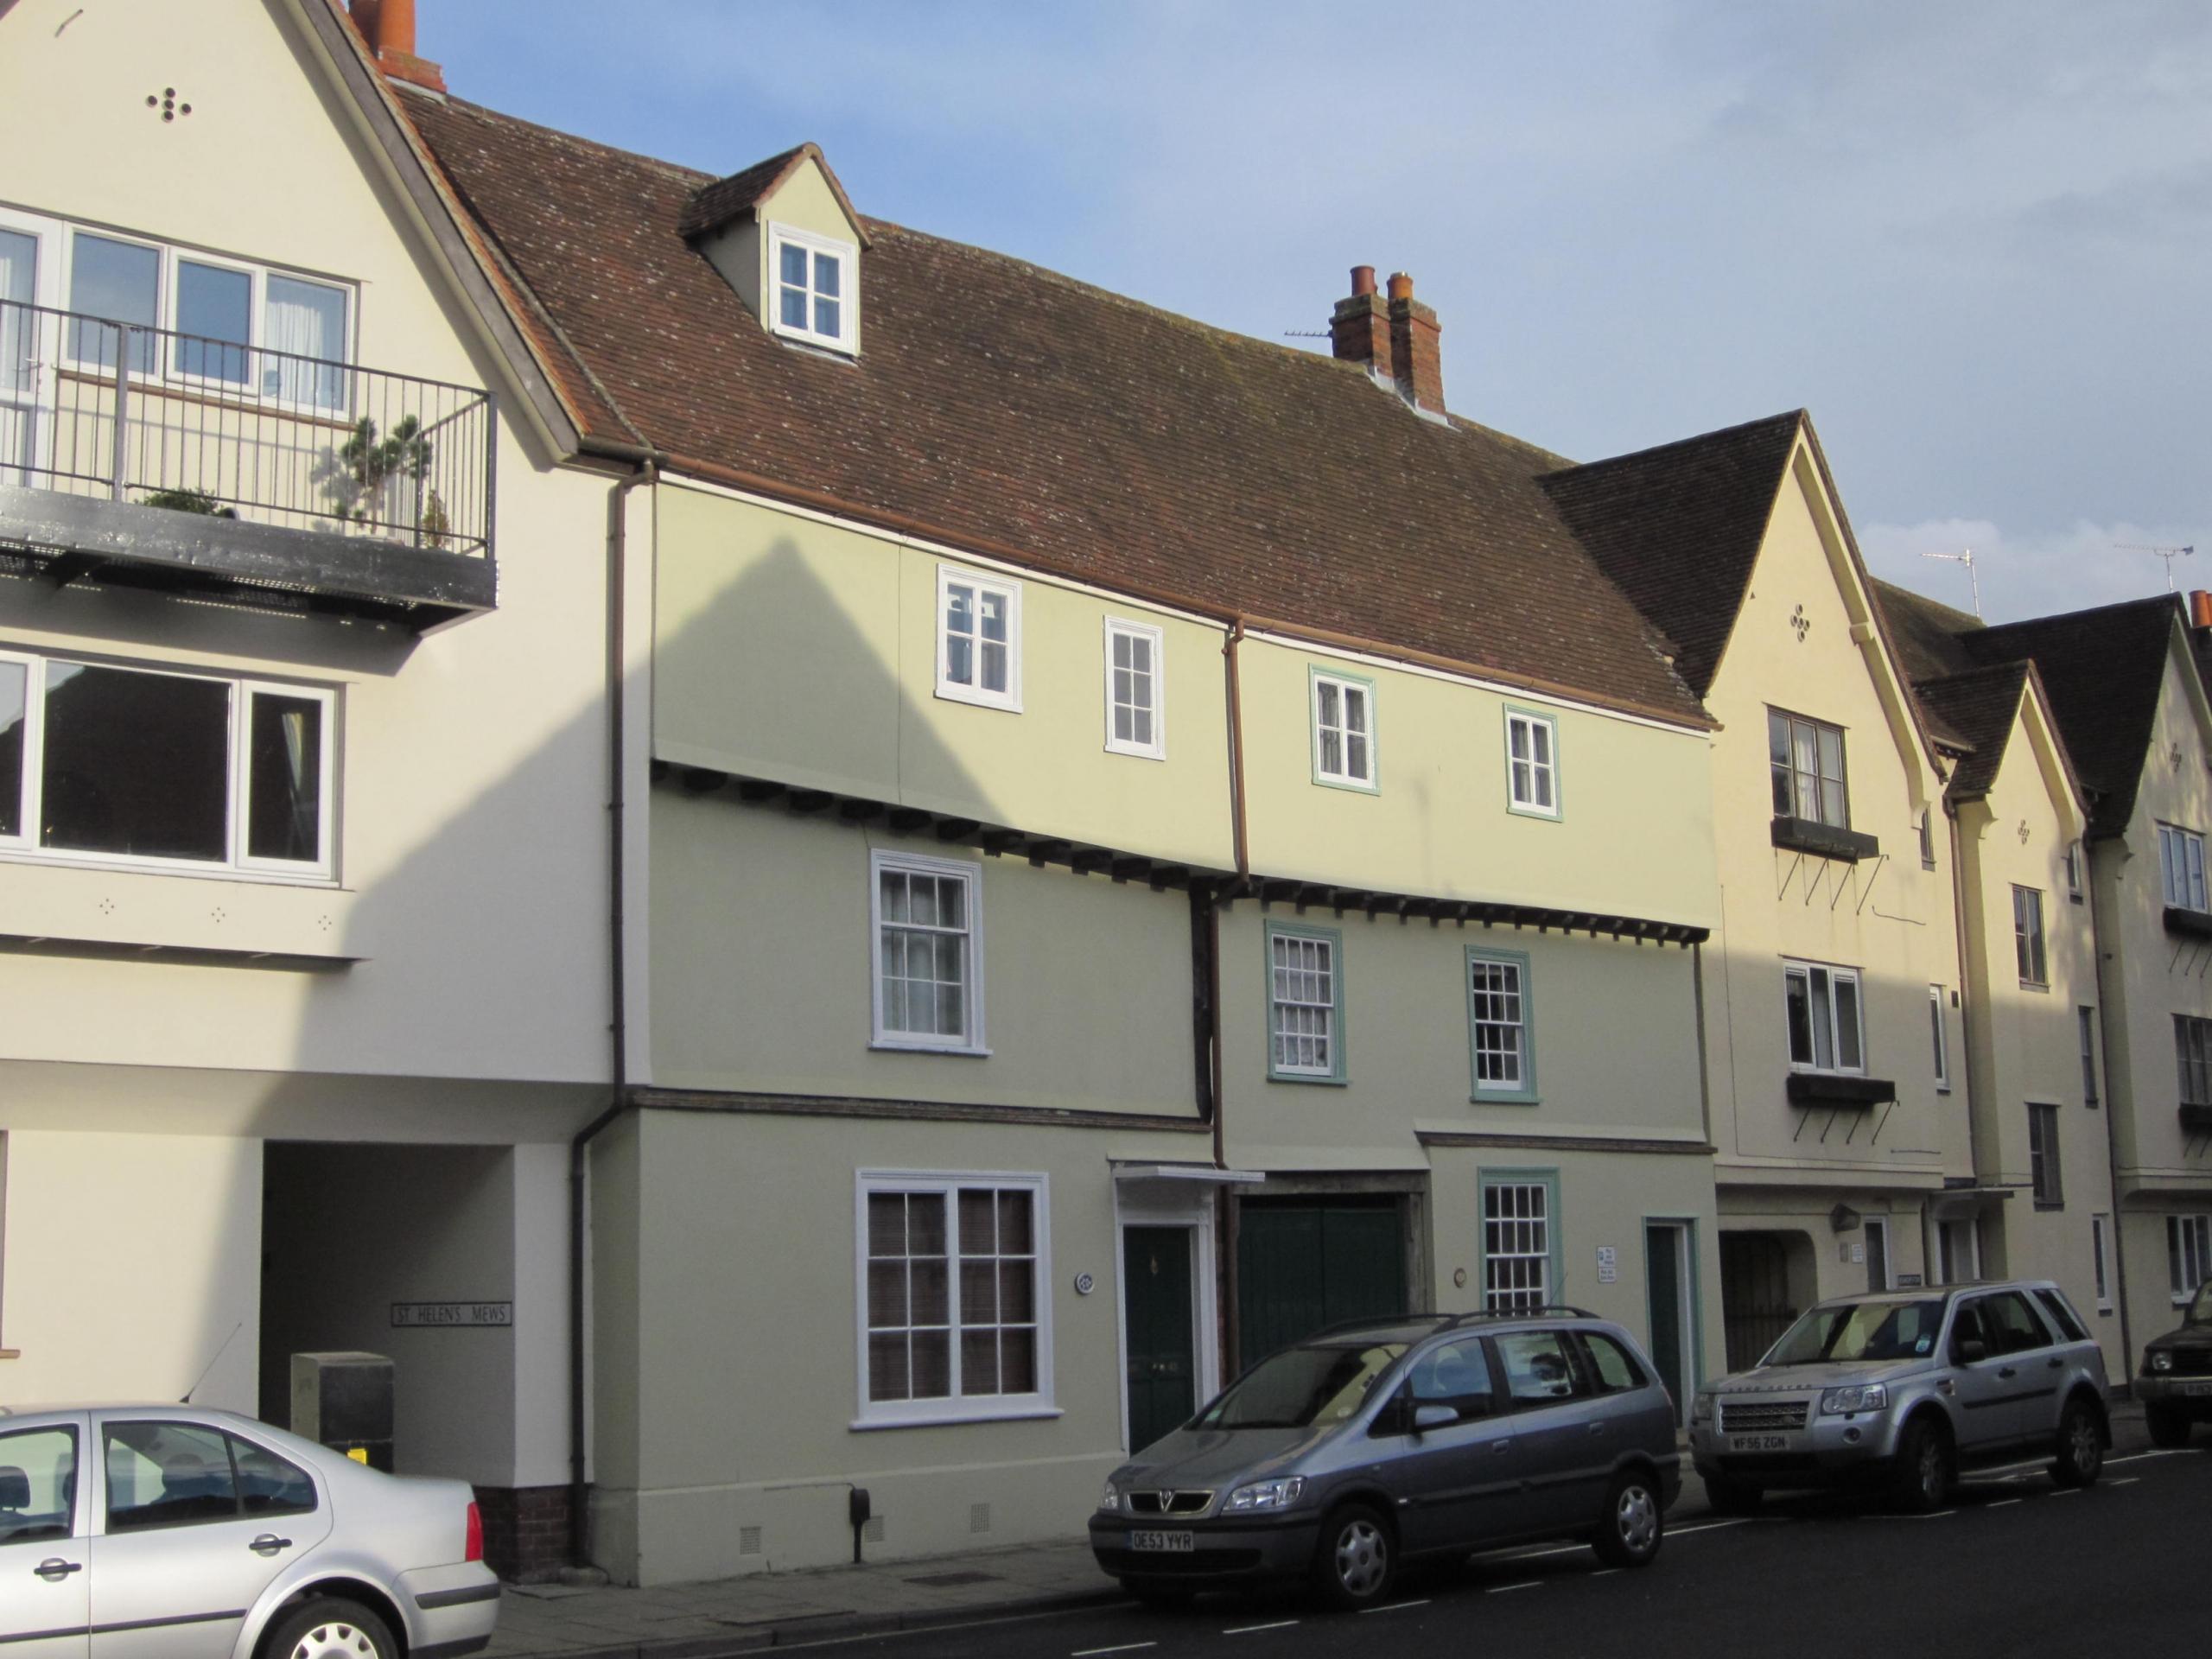 48 West St Helen Street in 2012